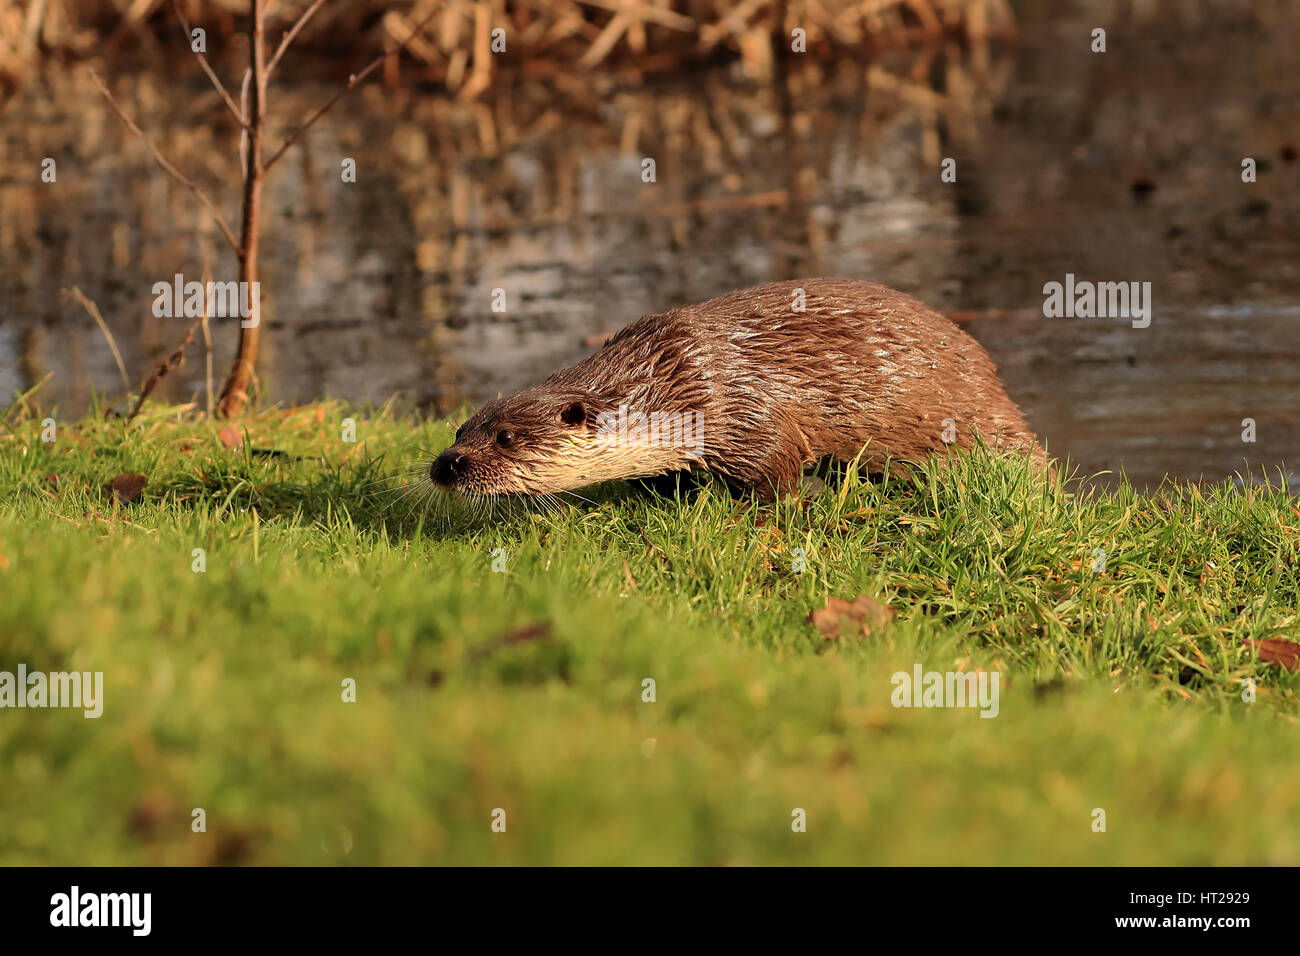 Étang de la loutre sur l'herbe à Alert. Banque D'Images